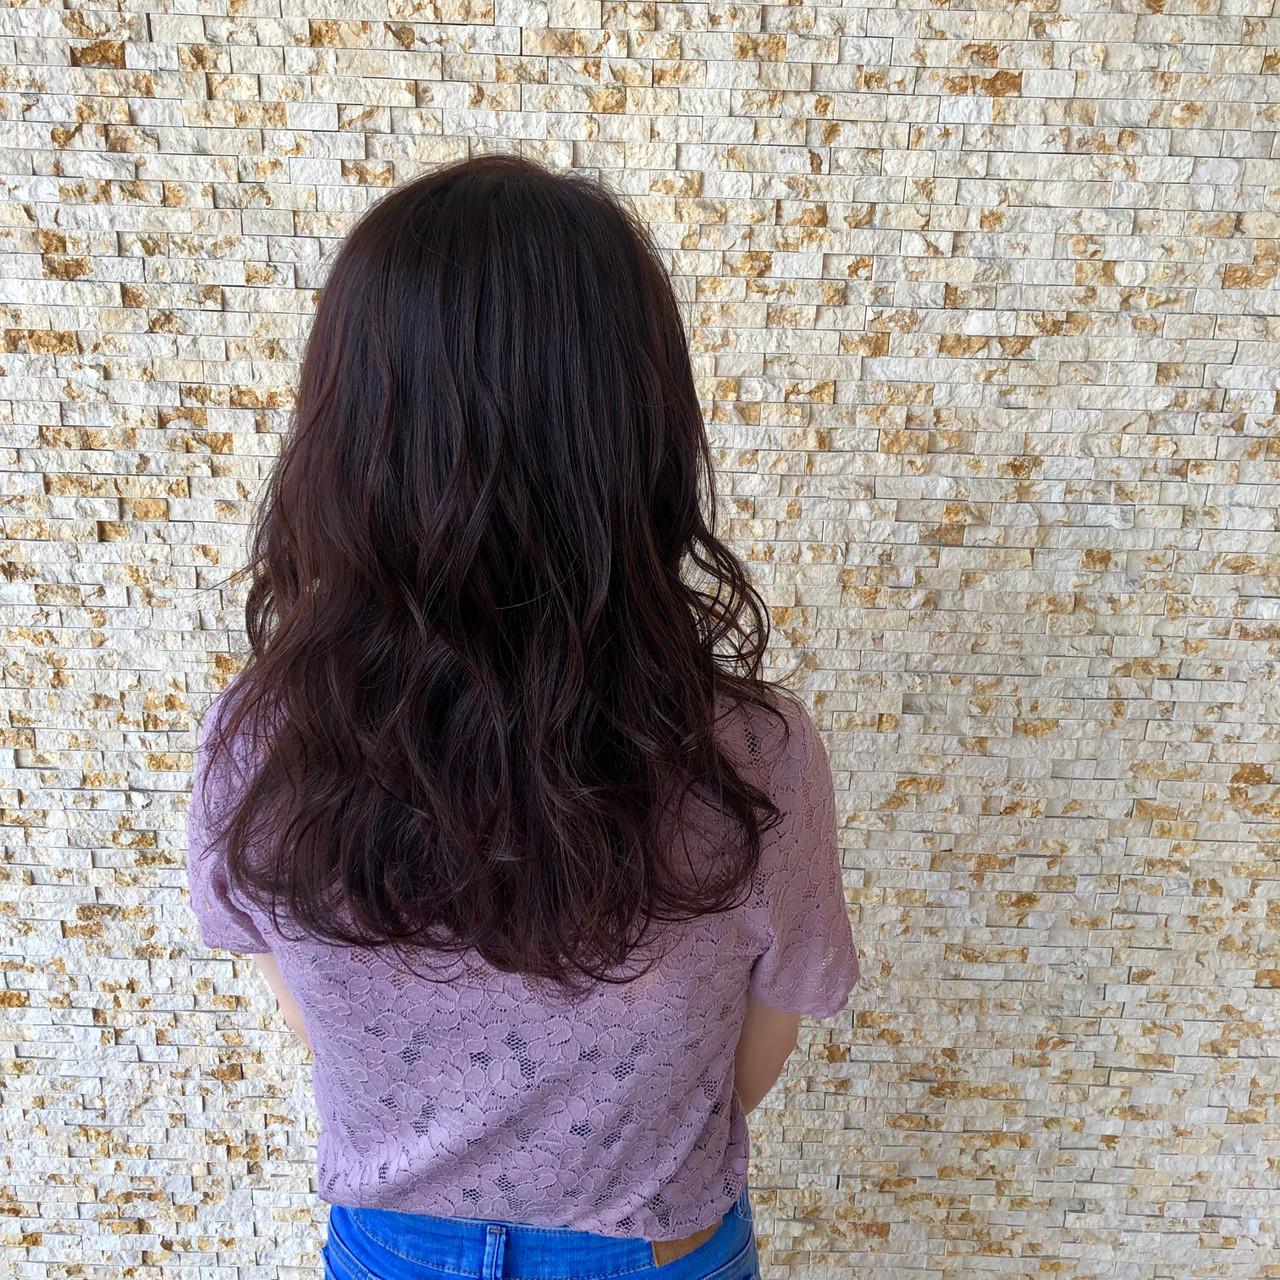 コテ巻き ミディアム 秋冬スタイル チェリーレッド ヘアスタイルや髪型の写真・画像